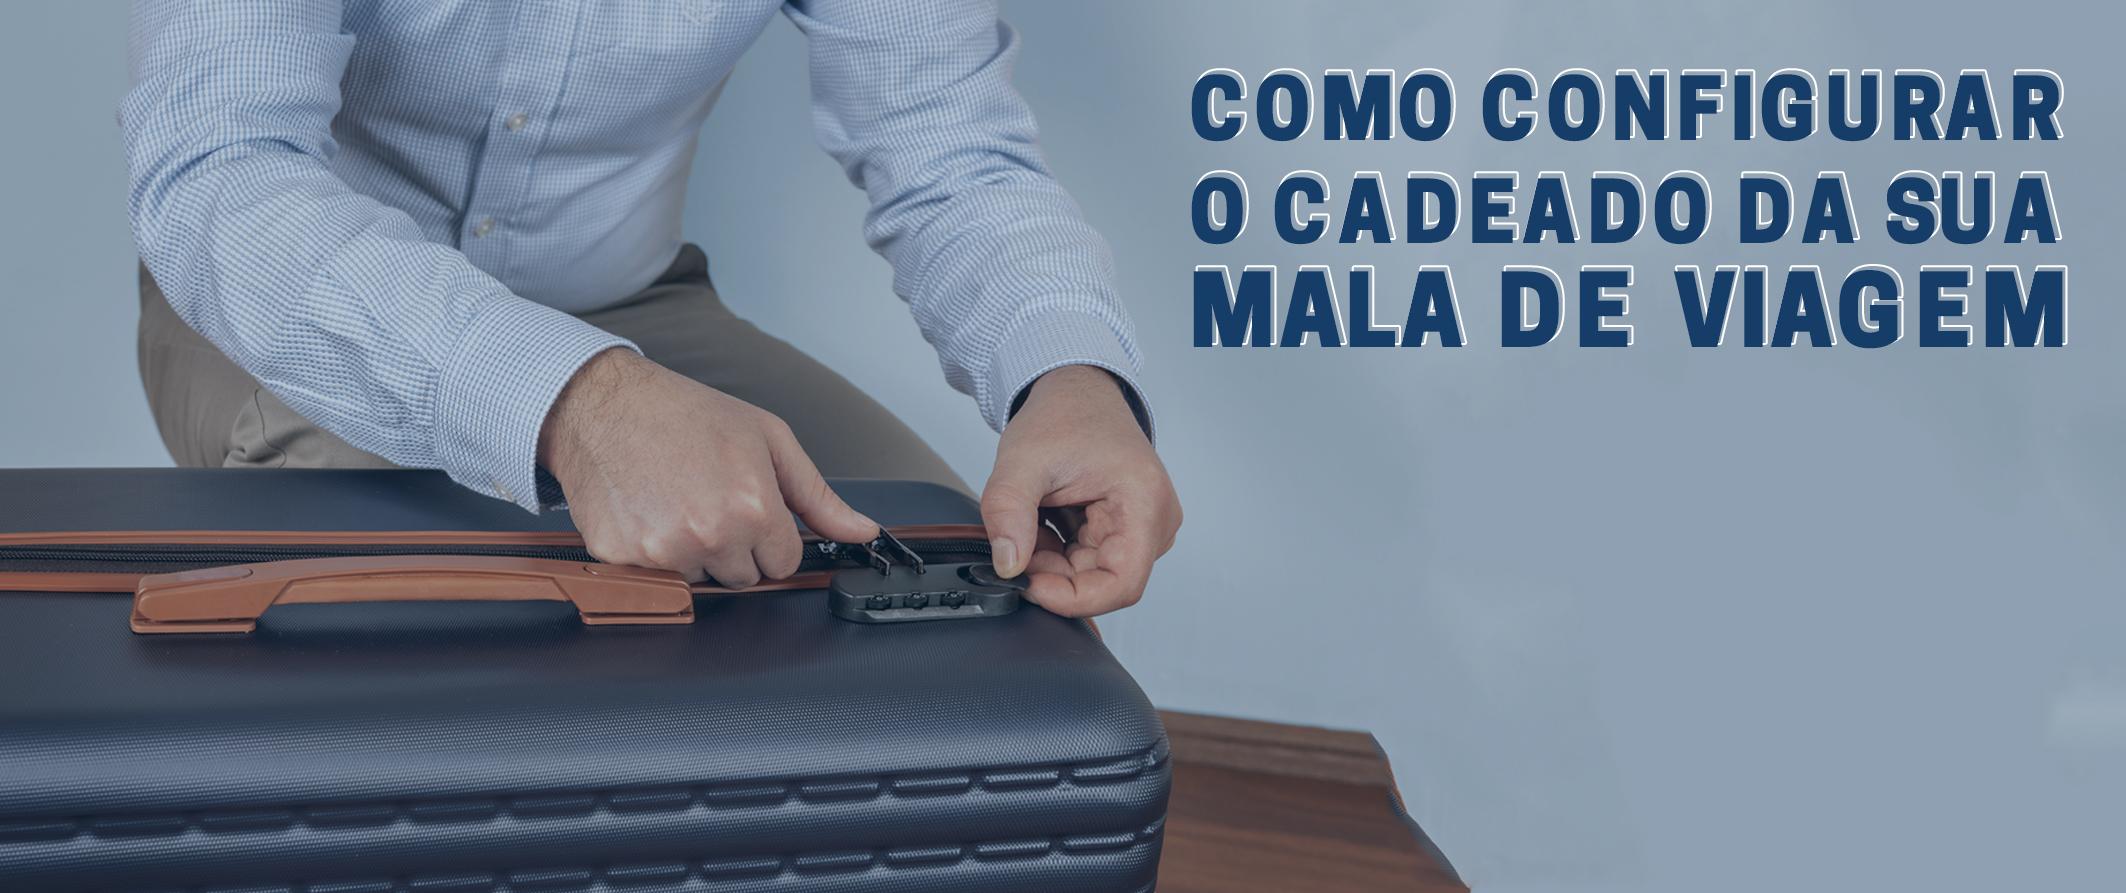 Como configurar o cadeado da sua mala de viagem